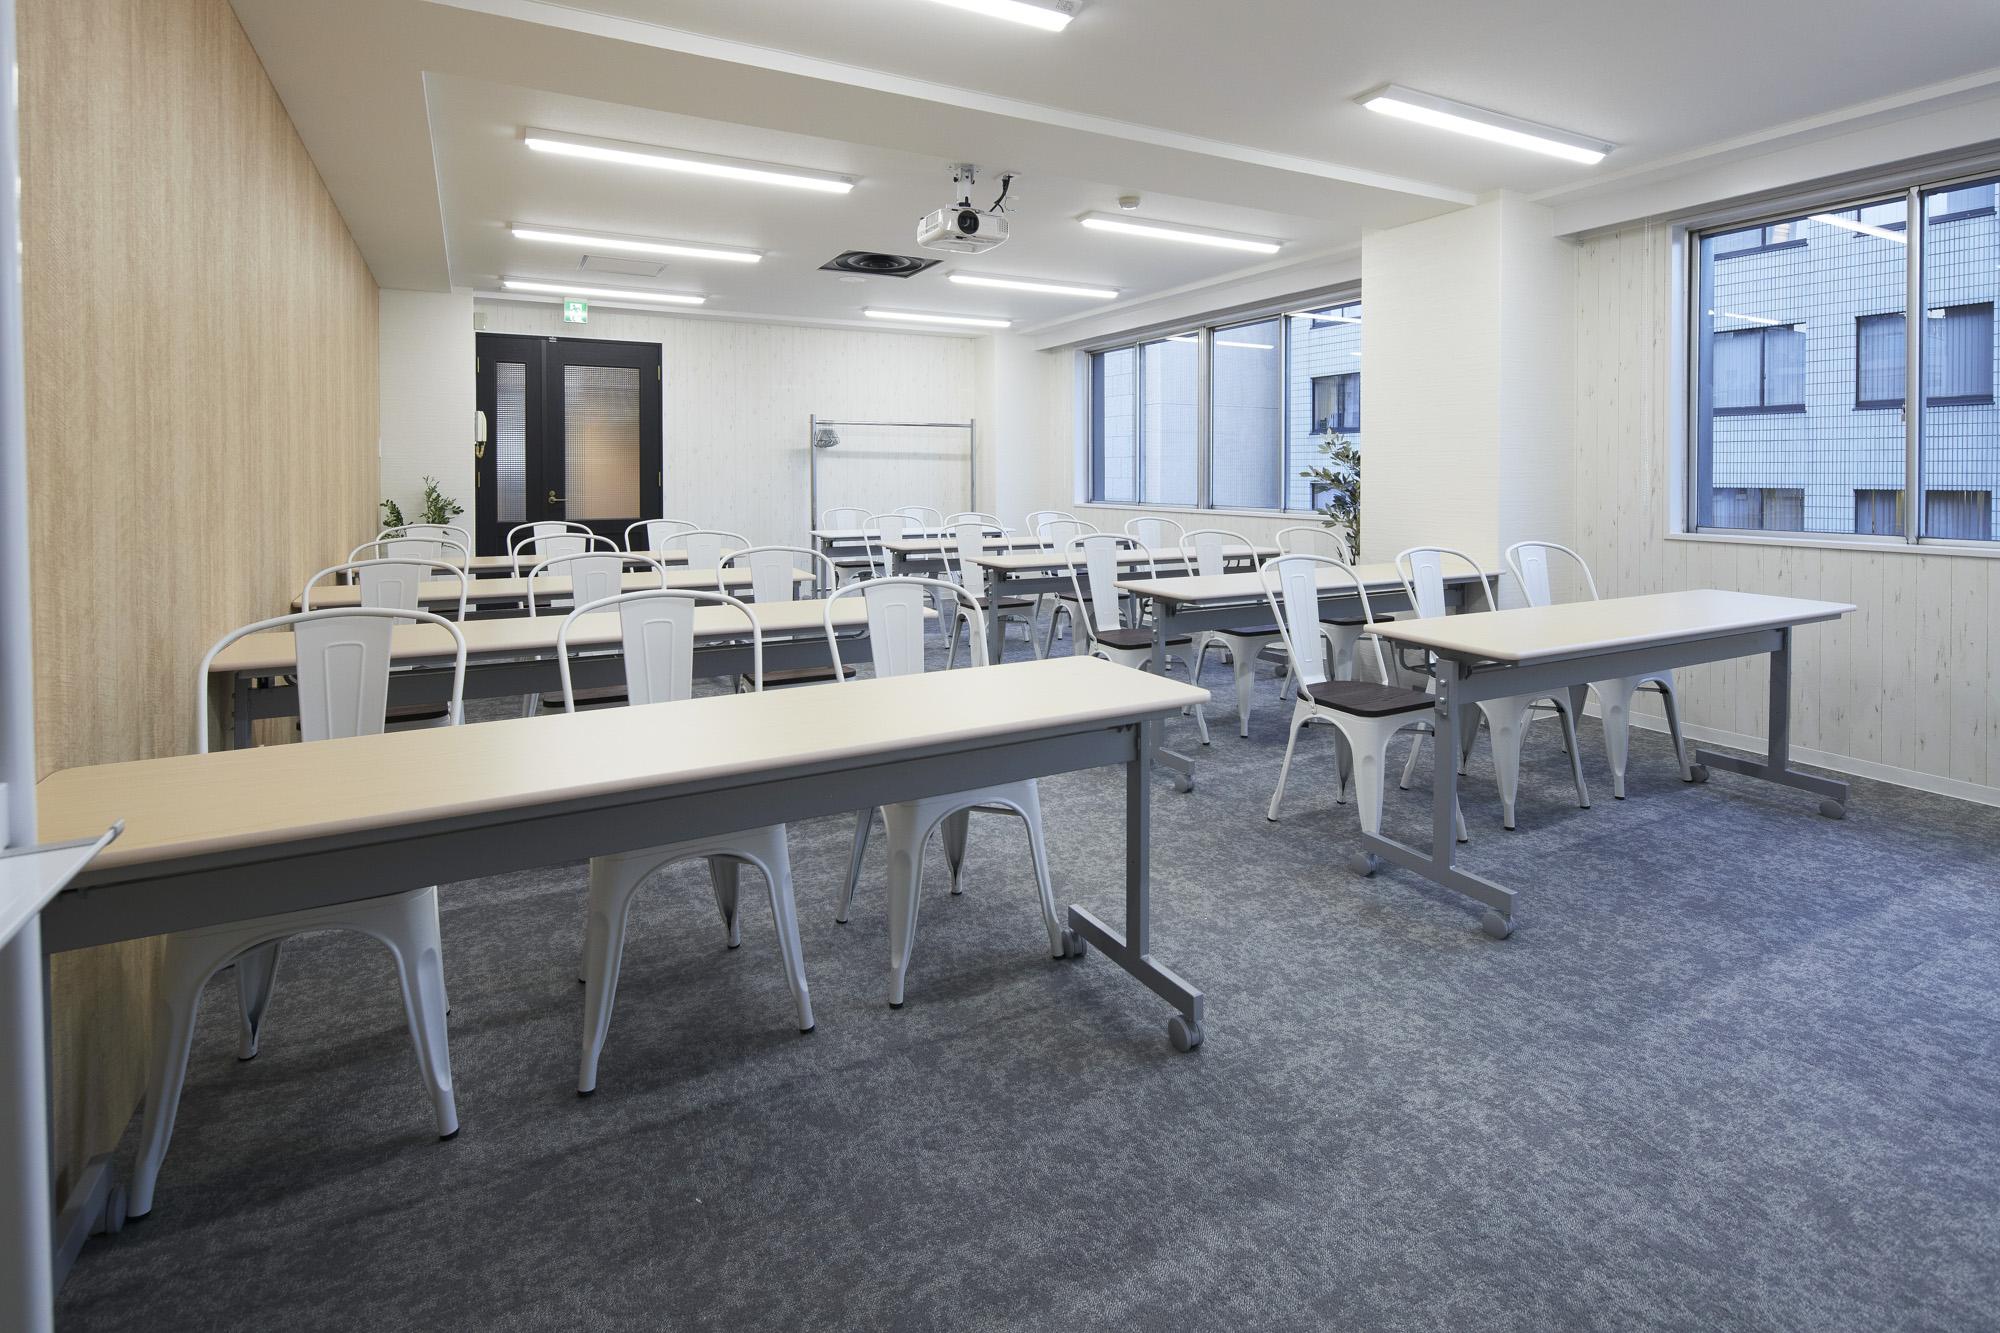 今すぐでも月単位でもOK!オフィス利用できるレンタルスペースのすすめ|TIME SHARING|タイムシェアリング |スペースマネジメント|あどばる|adval|SHARING